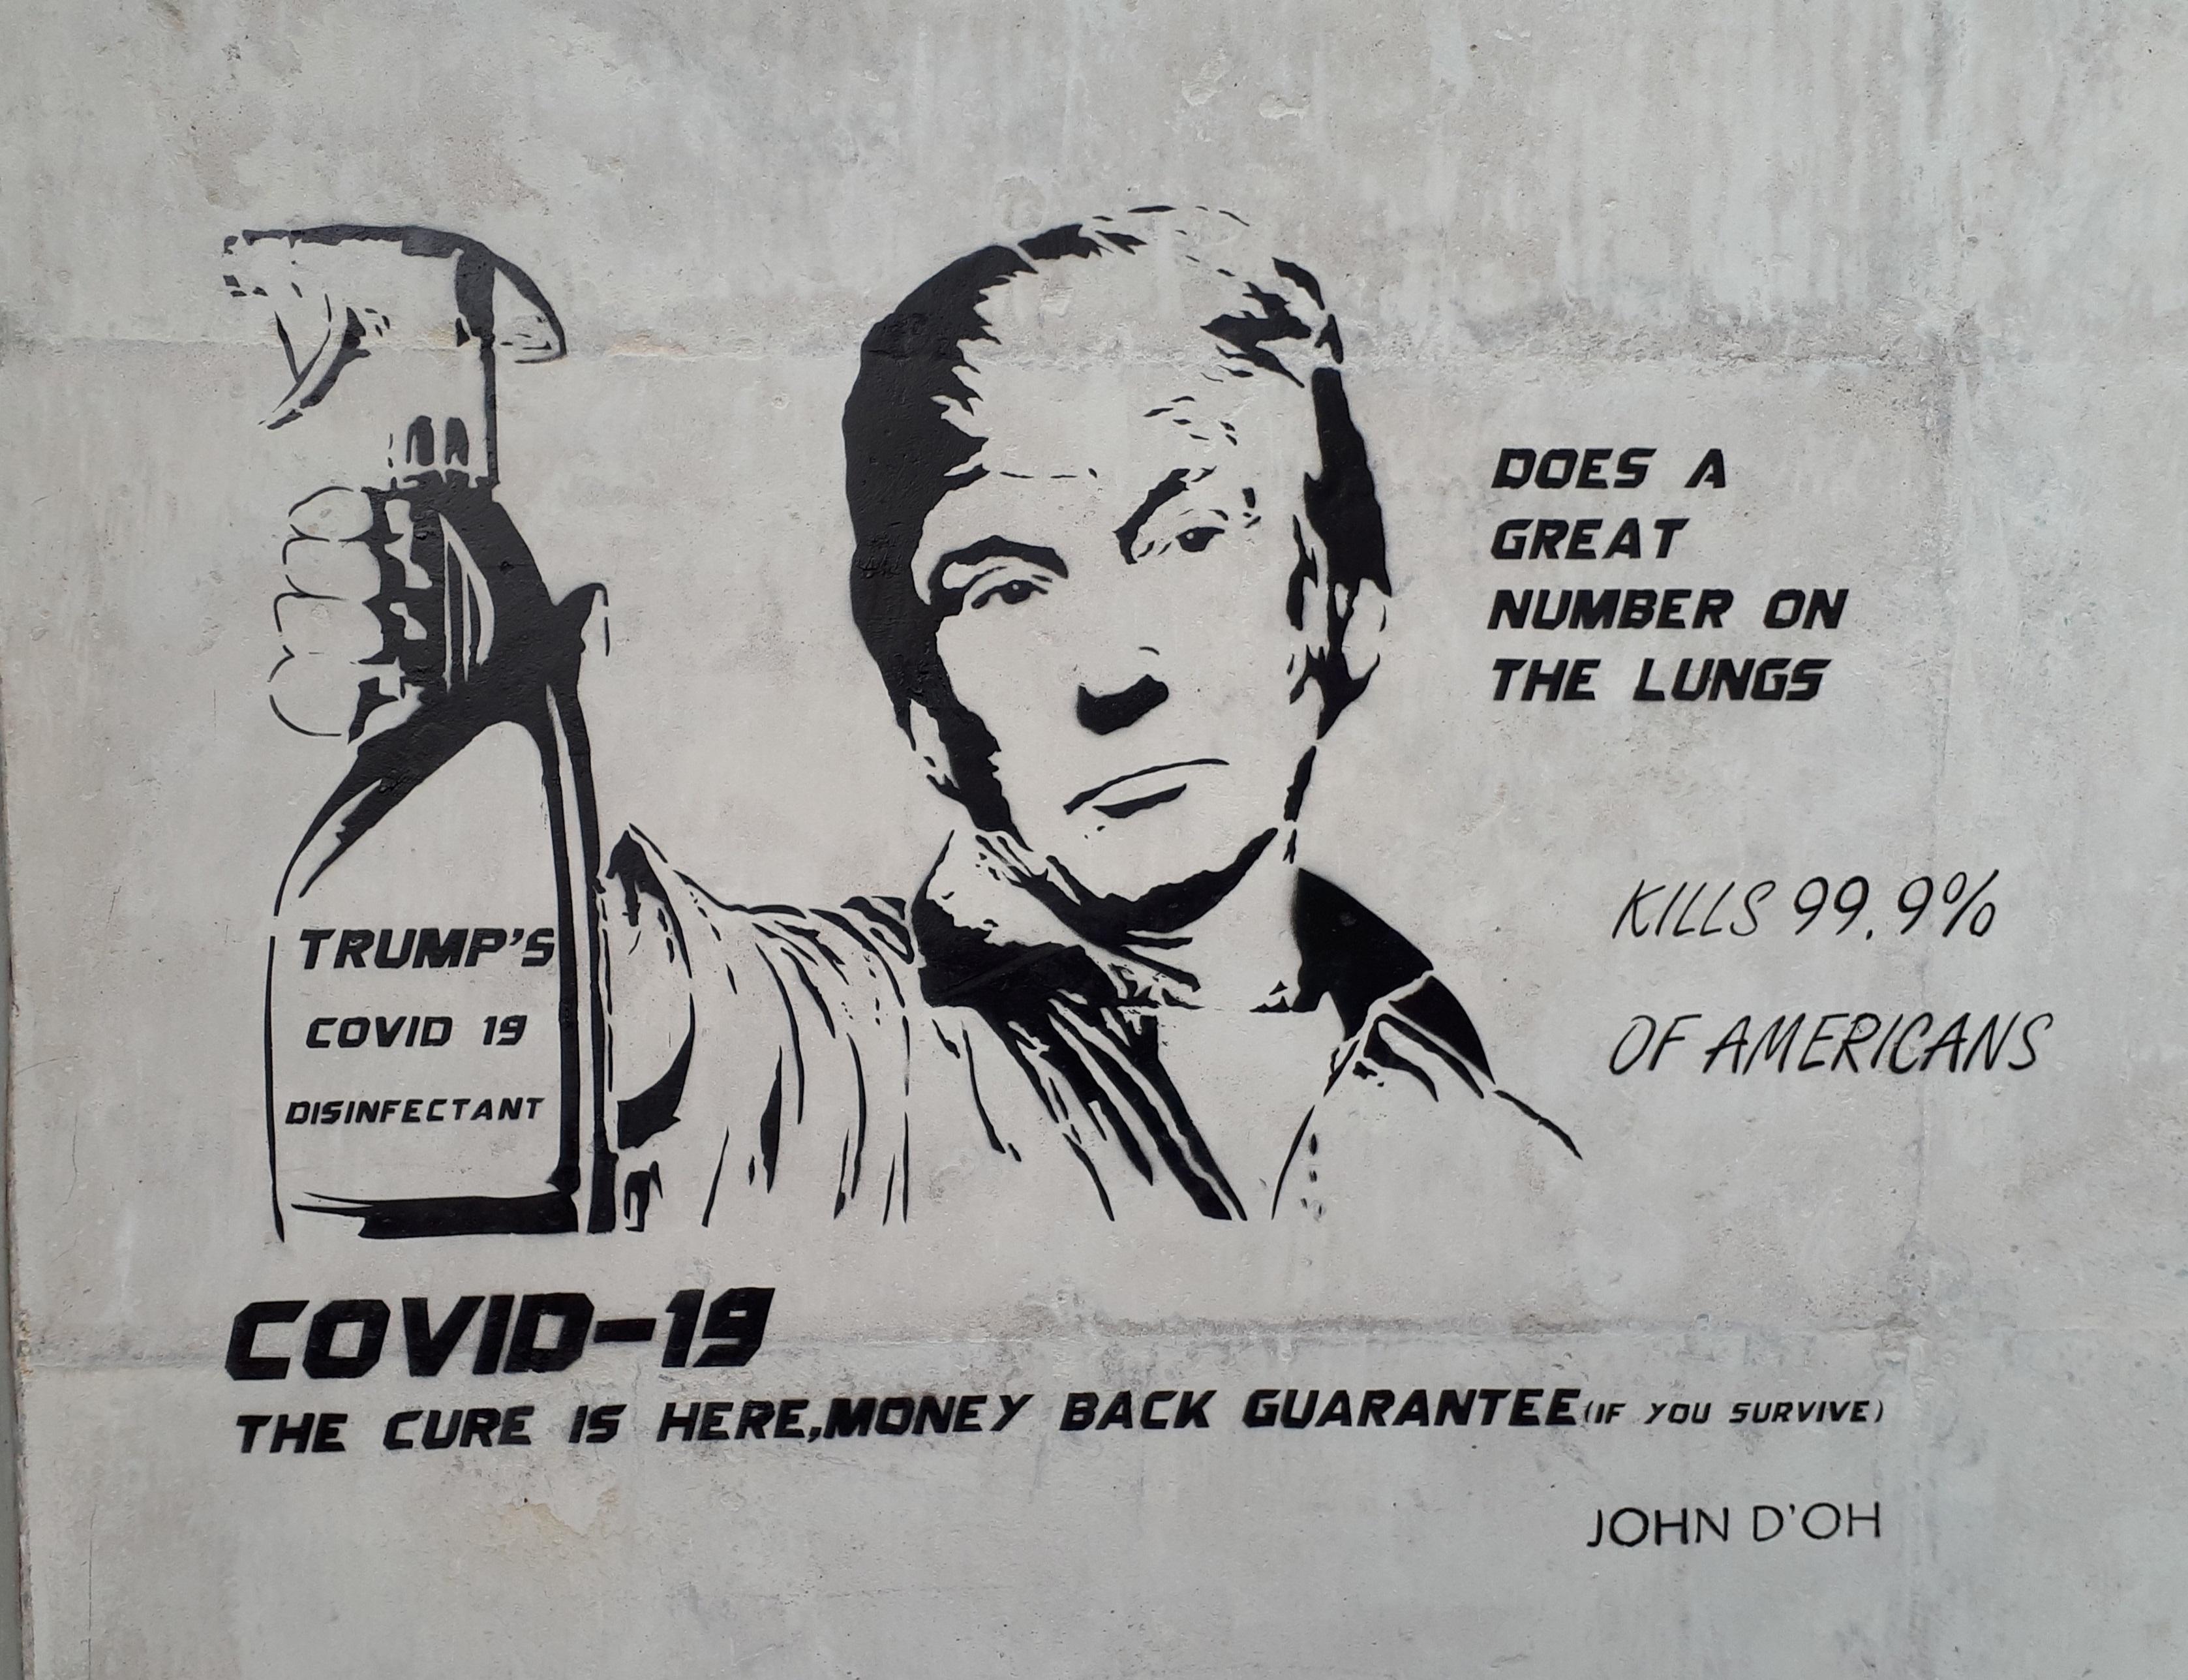 Coronavirus Street Art By John D'oh